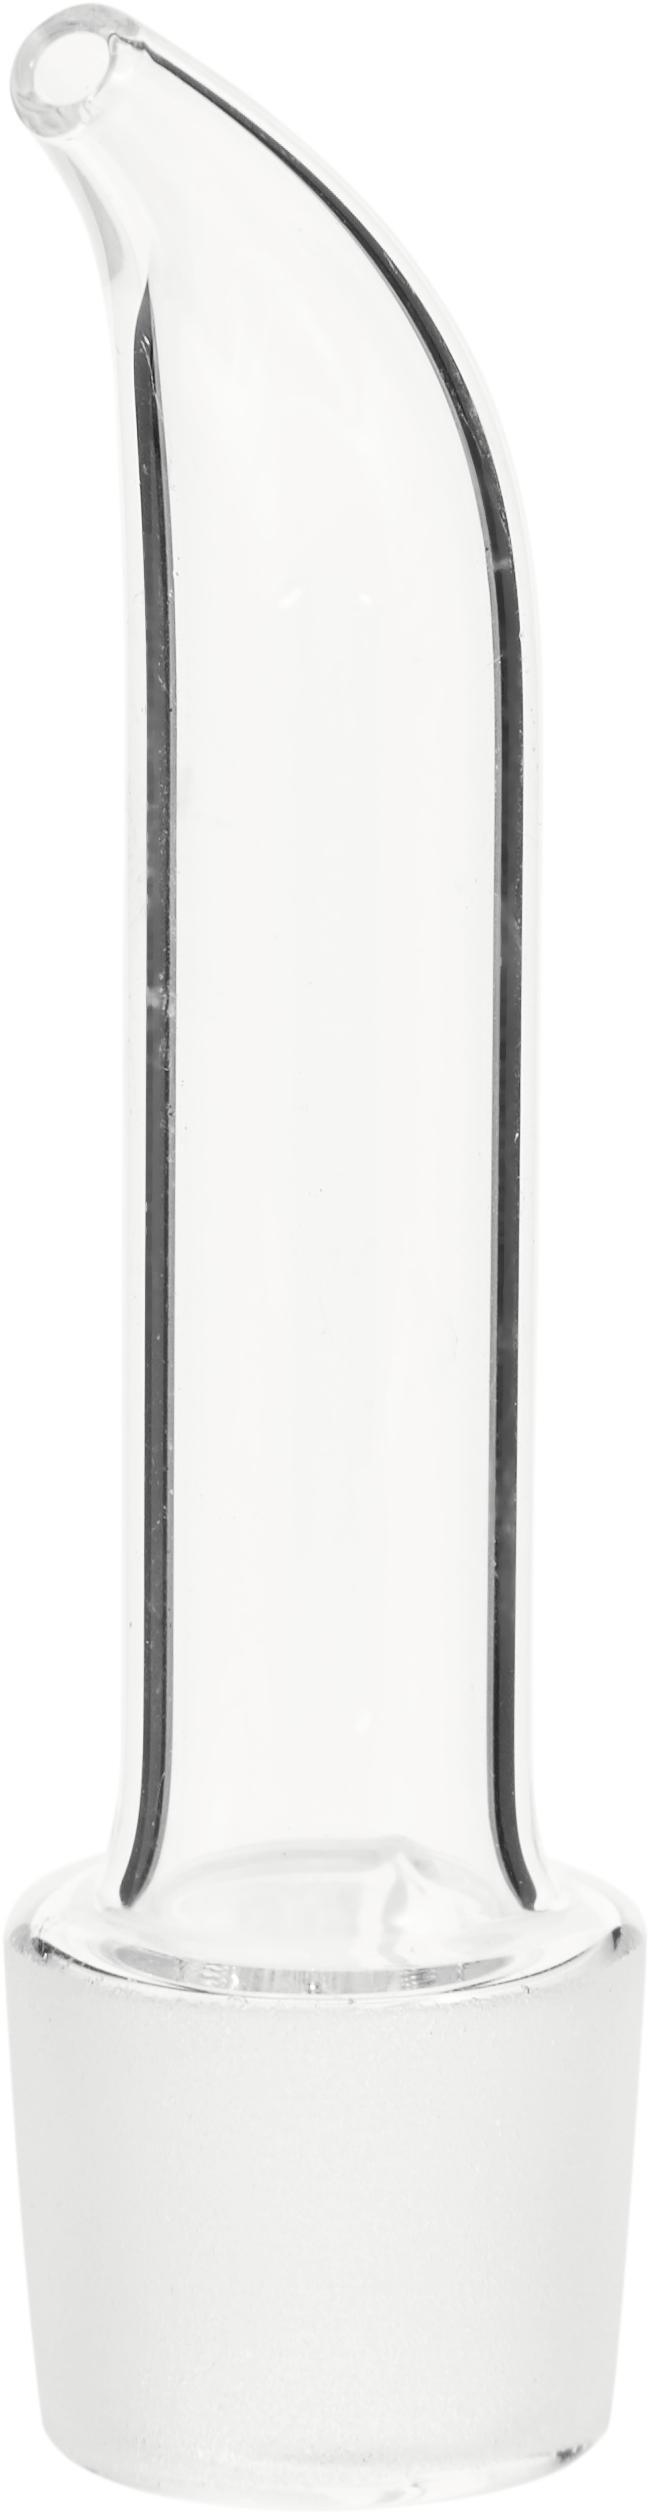 Essig- und Öl-Spender Paul, Glas, Transparent, H 29 cm